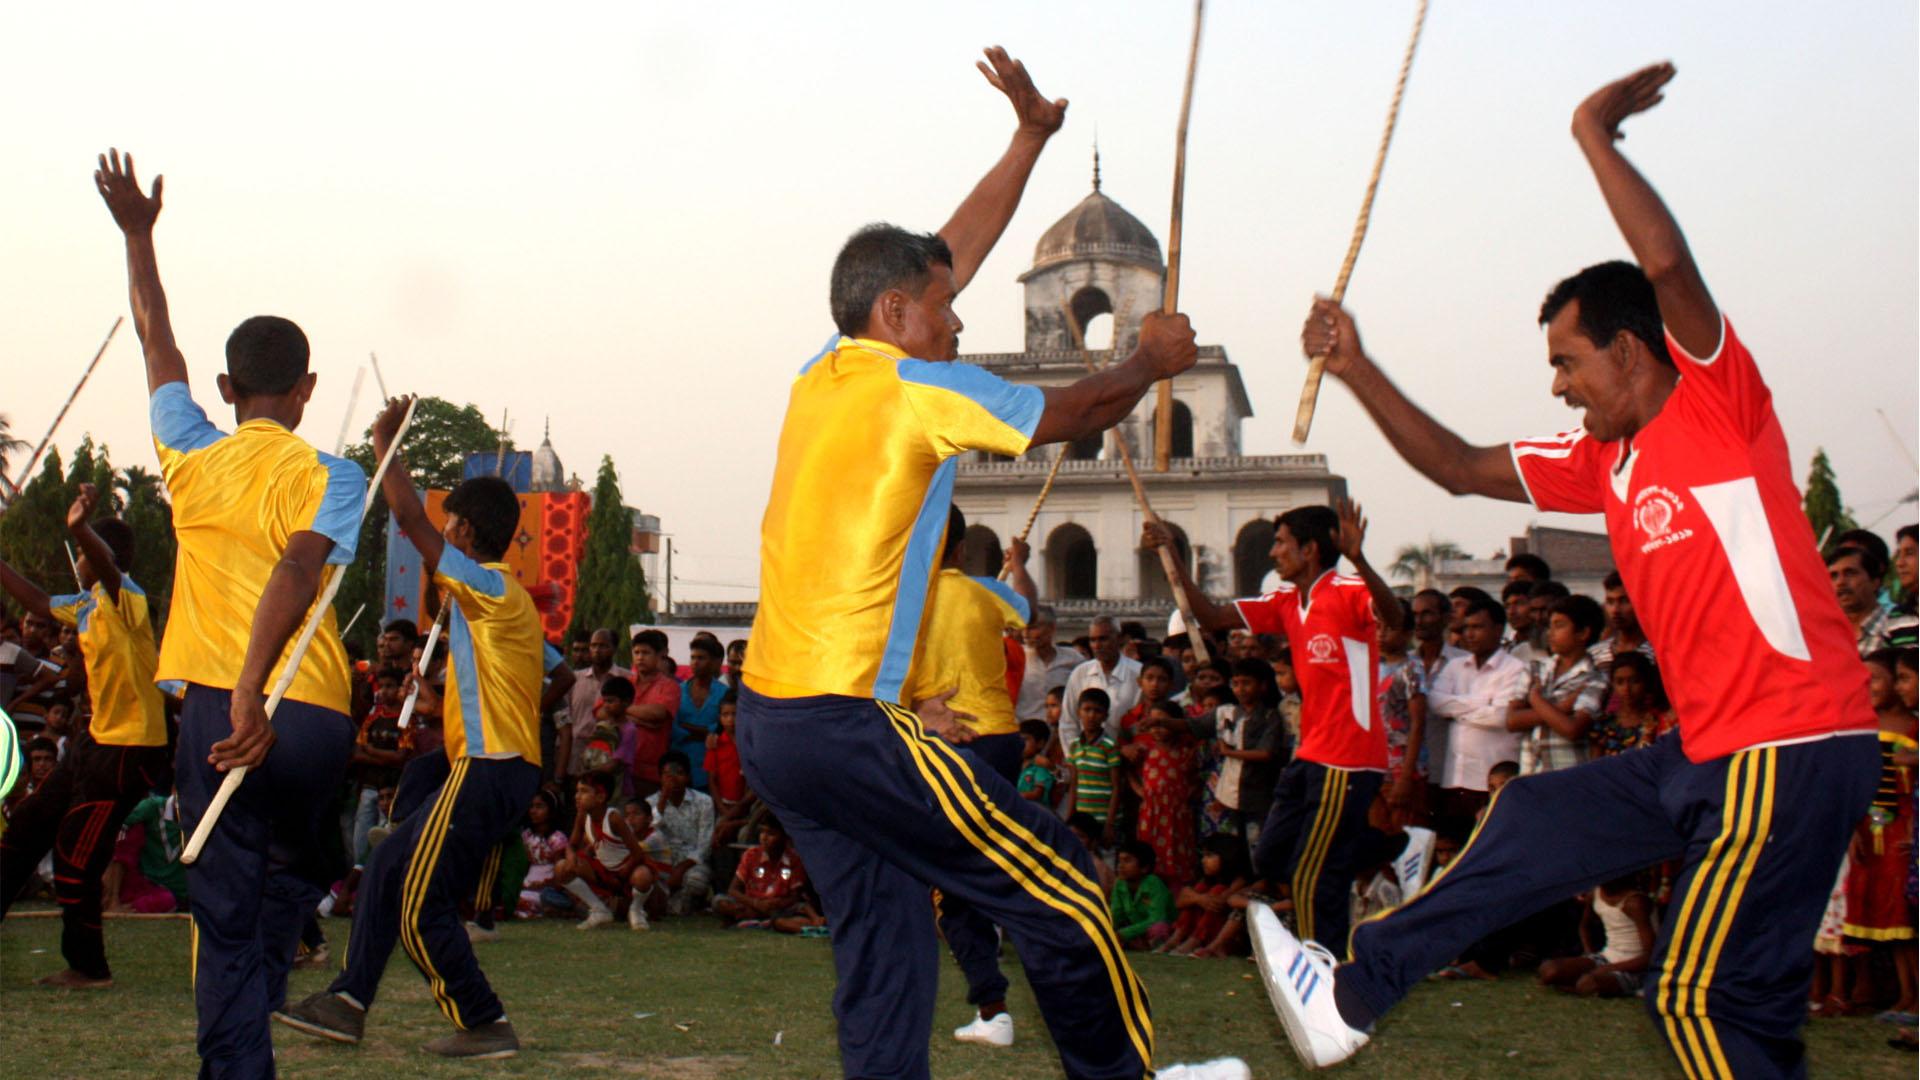 ১৩তম বাংলা লোকনাট্য উৎসব ২০১৫ (লাঠিখেলা)